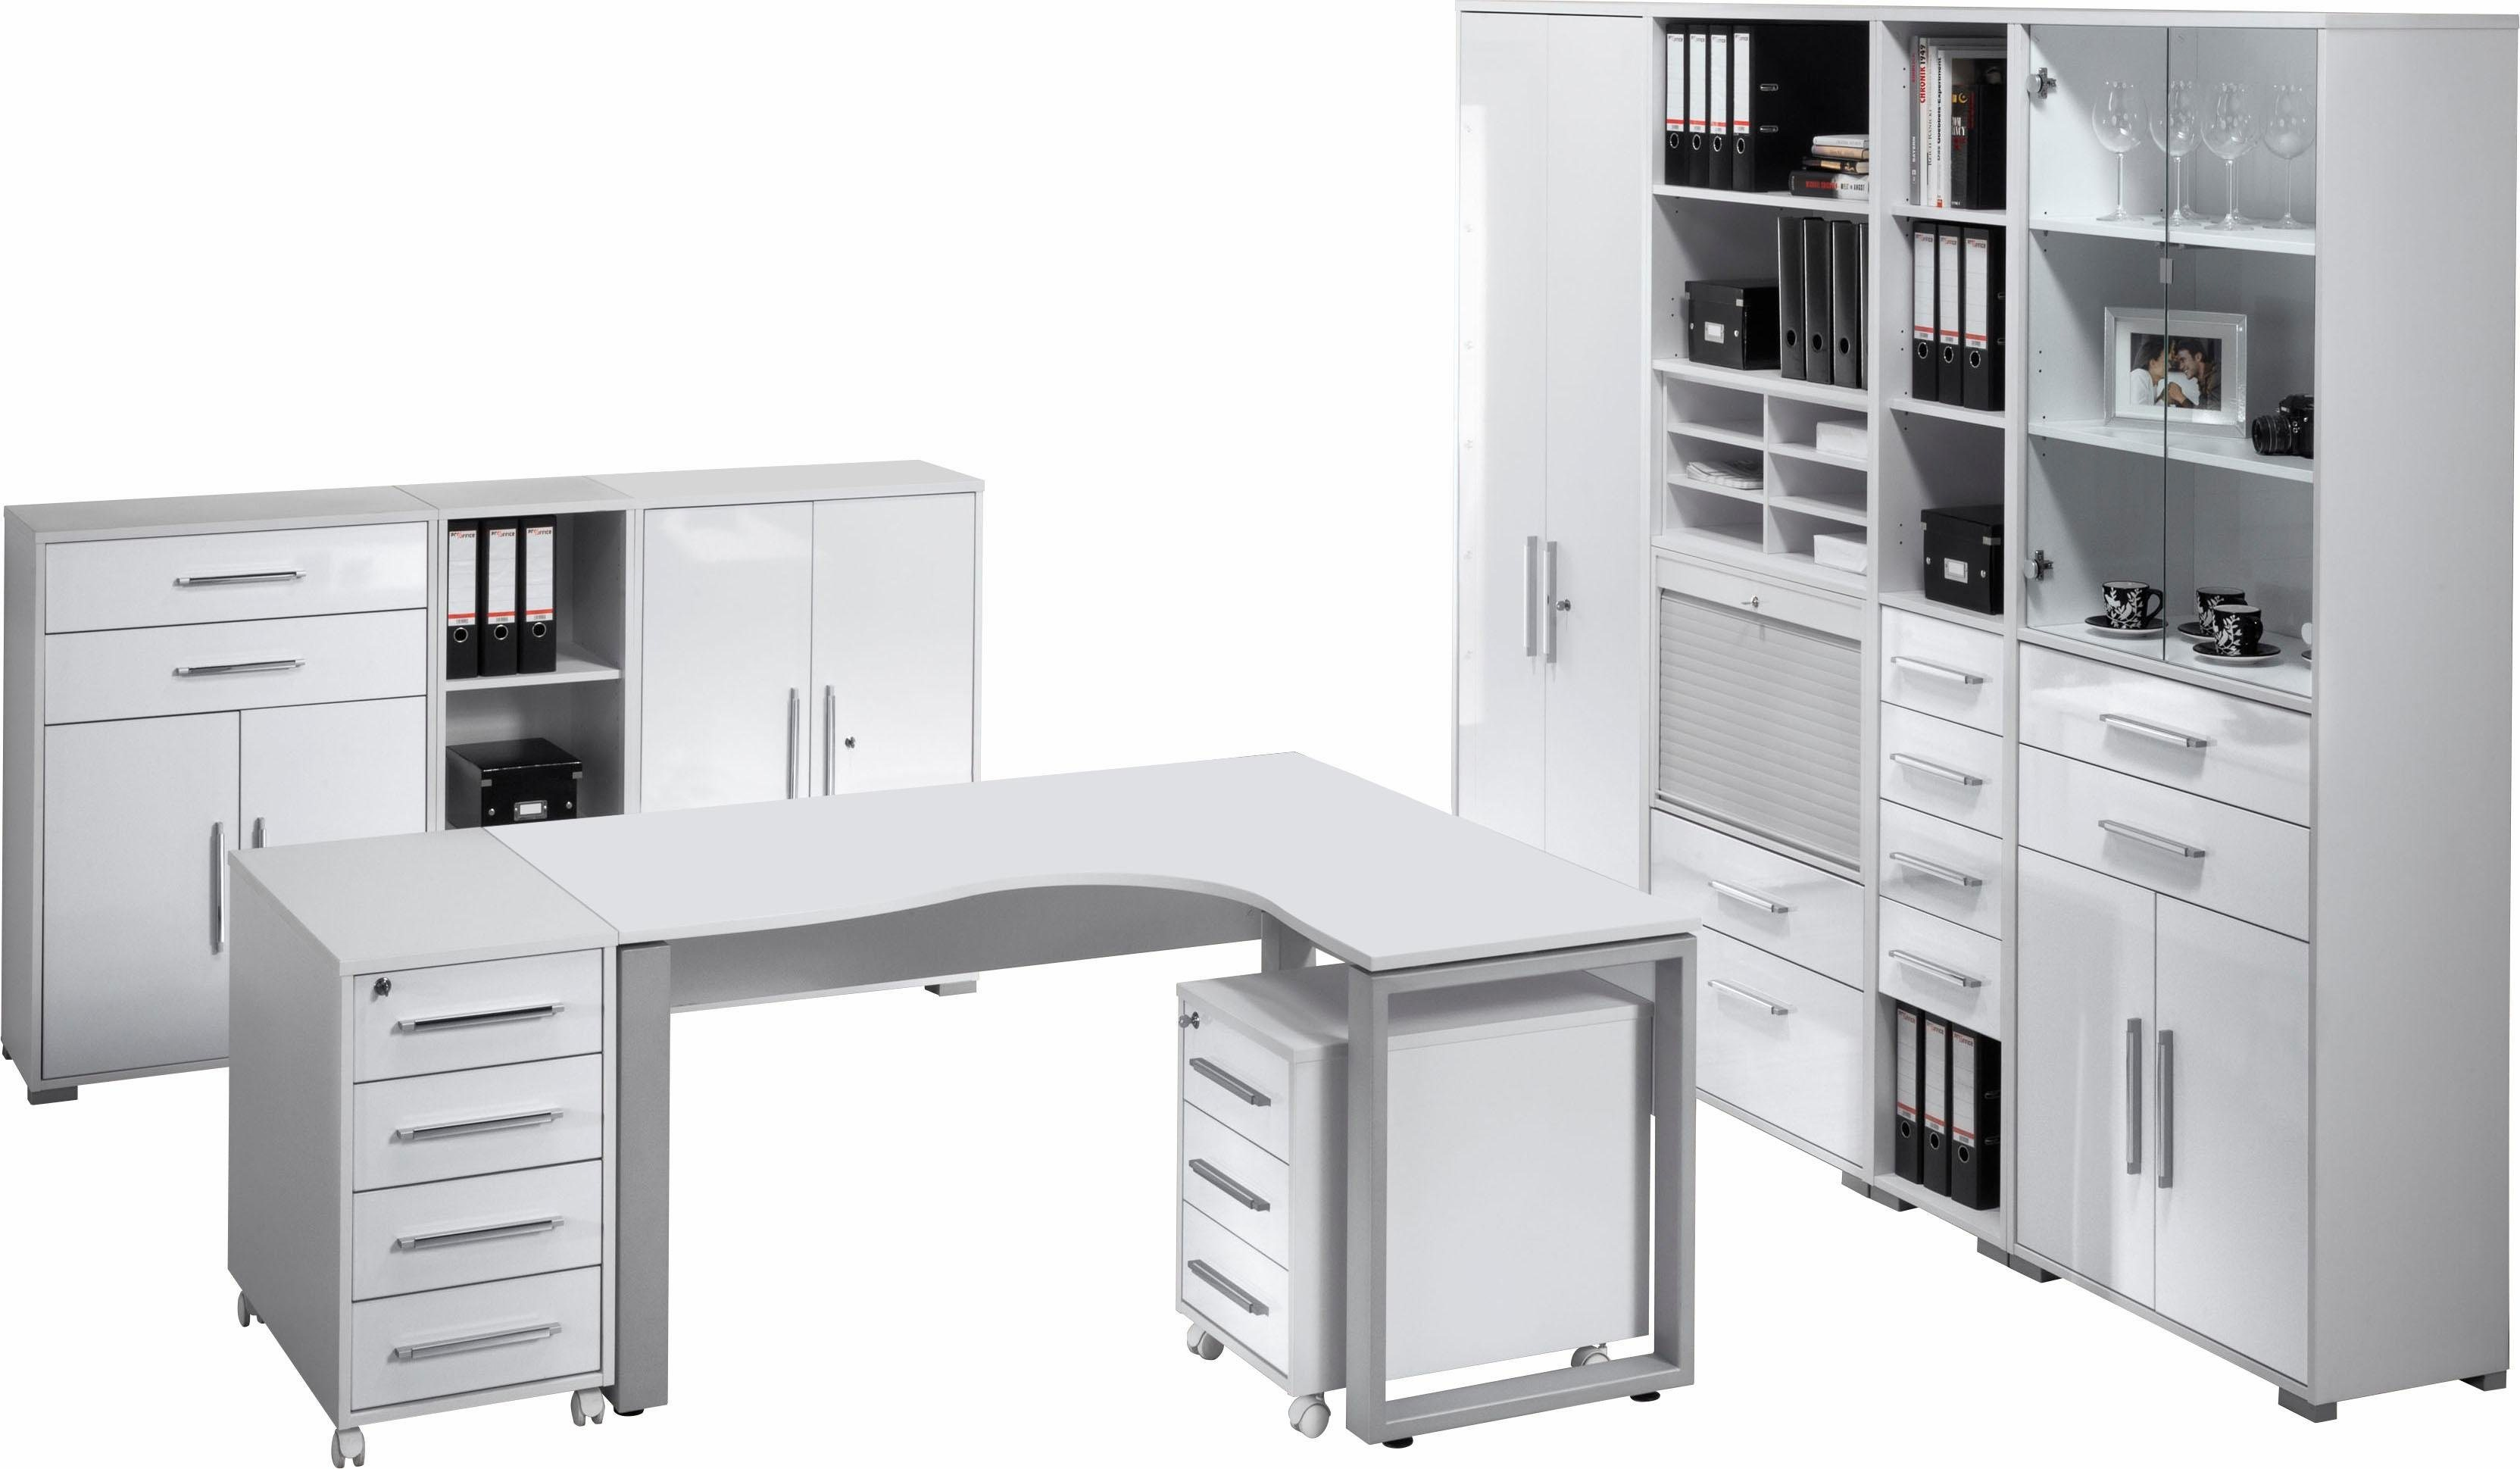 Maja Möbel Büromöbel-Set »1207 SYSTEM« (10-tlg.) | Büro > Büromöbel-Serien | Weiß | Kunststoff - Abs | Maja Möbel